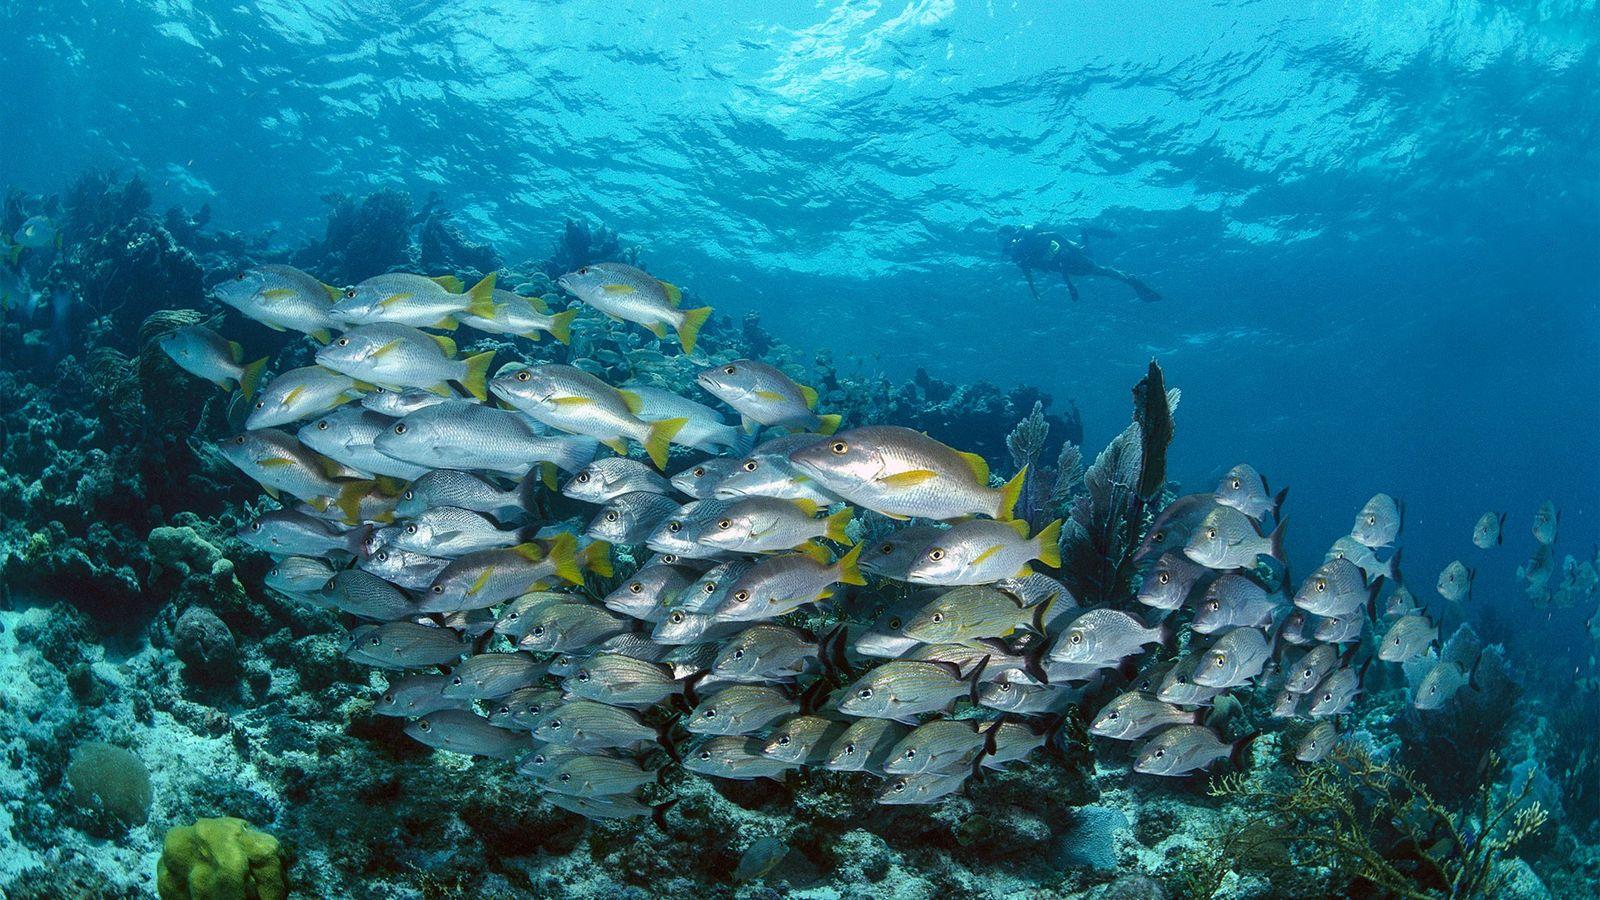 Mergulhador observa lucianos-amarelos e roncadores-de-cauda-negra, em Belize